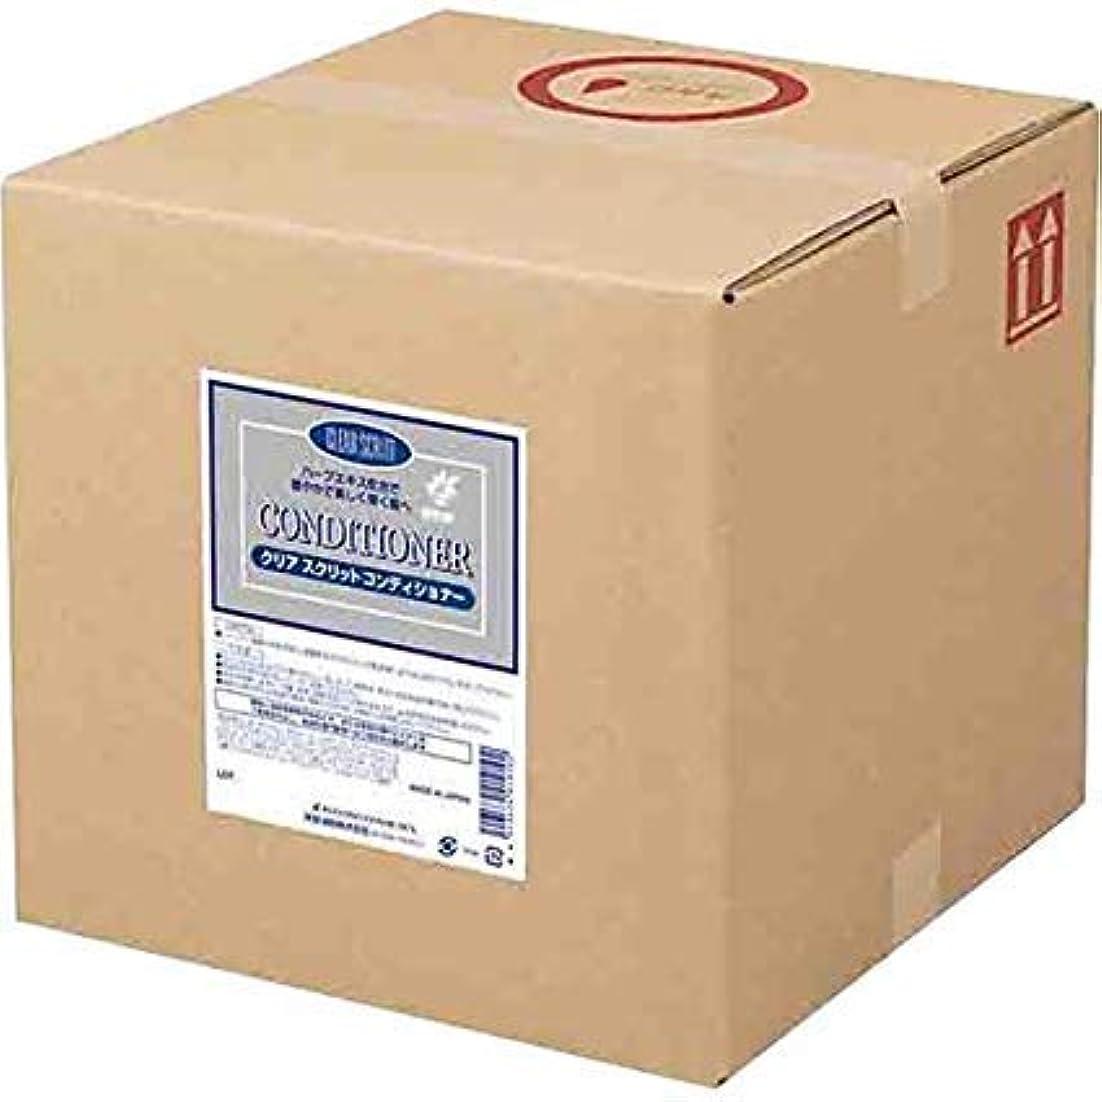 小麦しなやかアナロジー業務用 クリアスクリット コンディショナー 18L 熊野油脂 (コック無し)